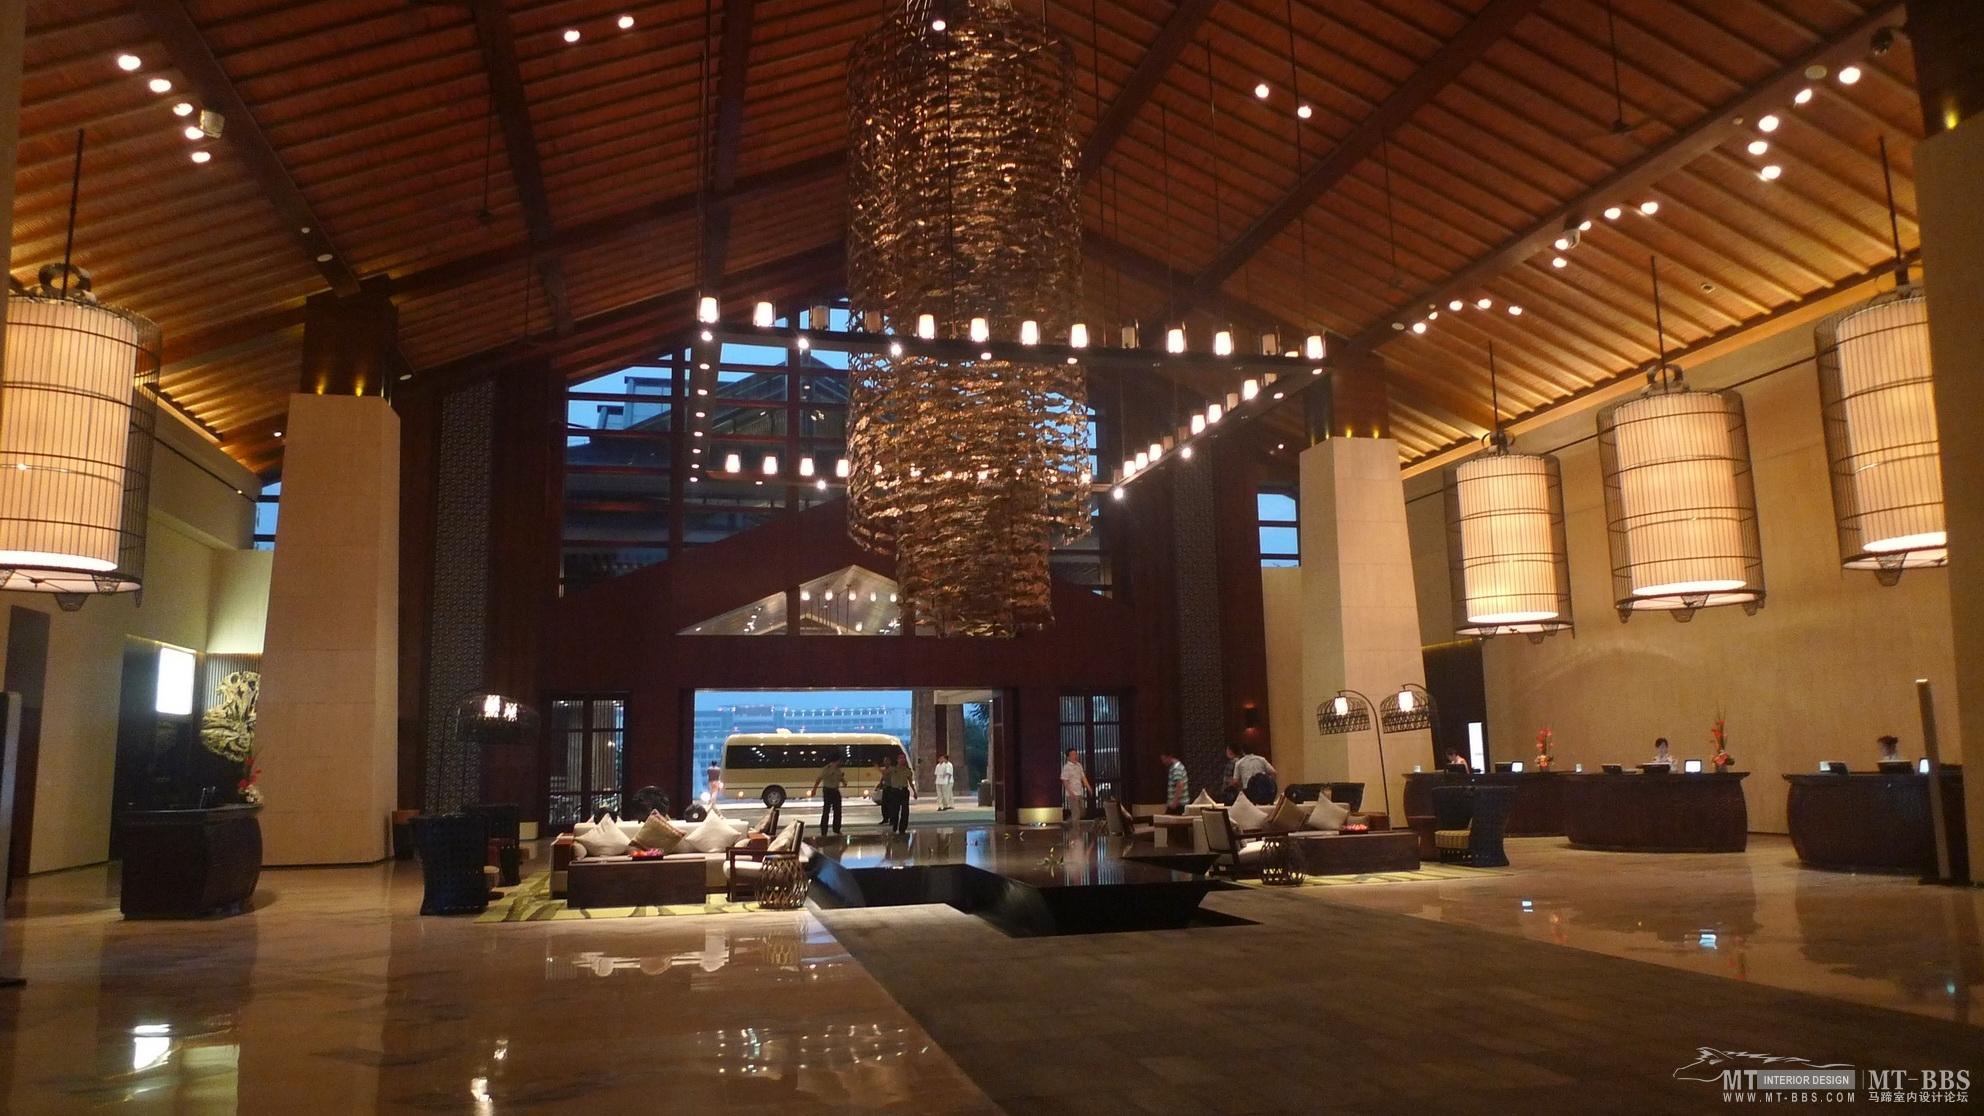 三亚海棠湾9号 酒店配有的国际等级高尔夫练习场,亦是海棠湾内独一无